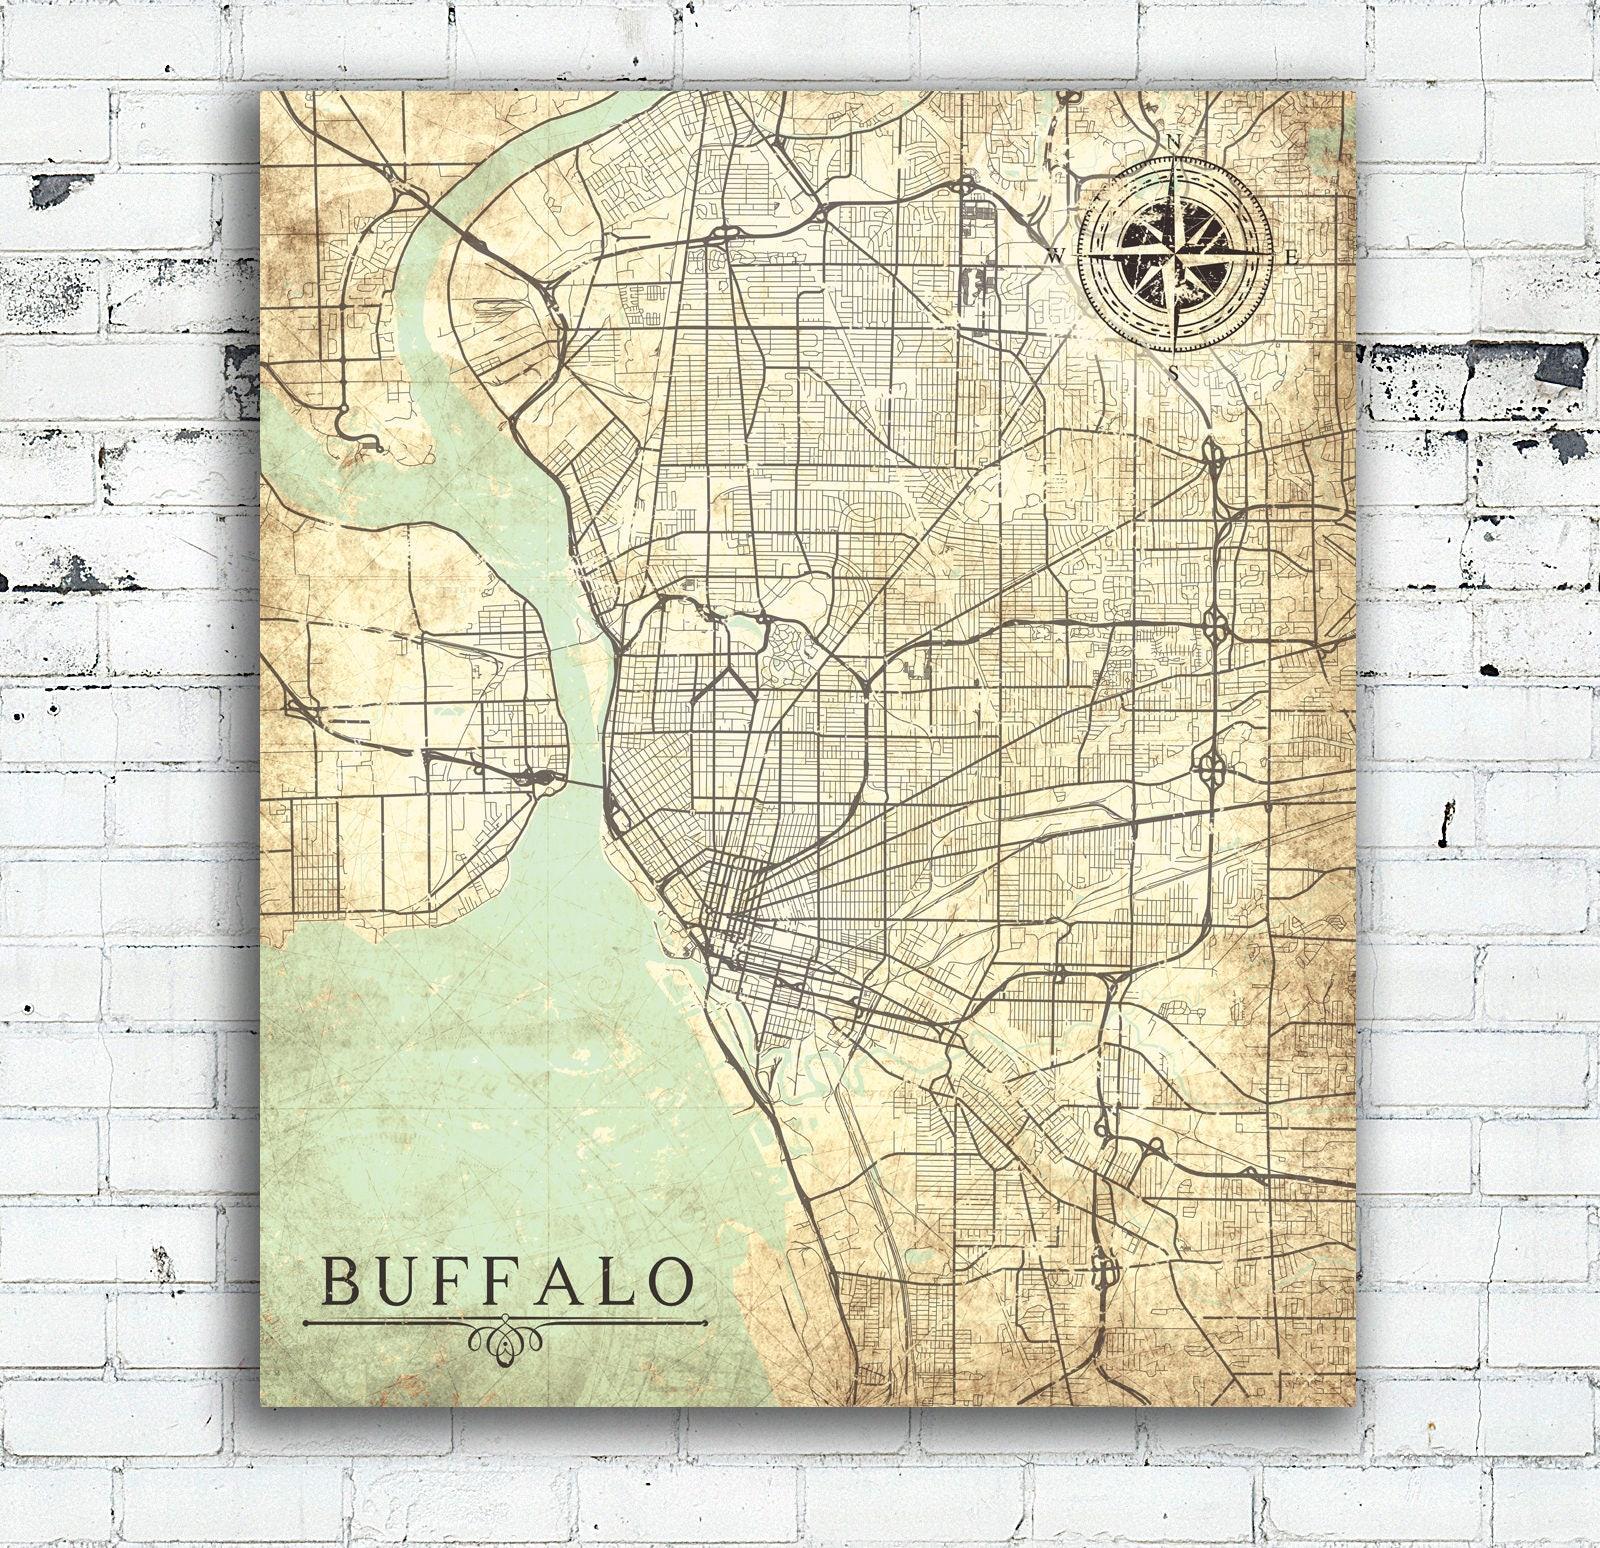 BUFFALO NY Canvas Print Buffalo New York City Map Vintage Map Wall - New york city map wall art